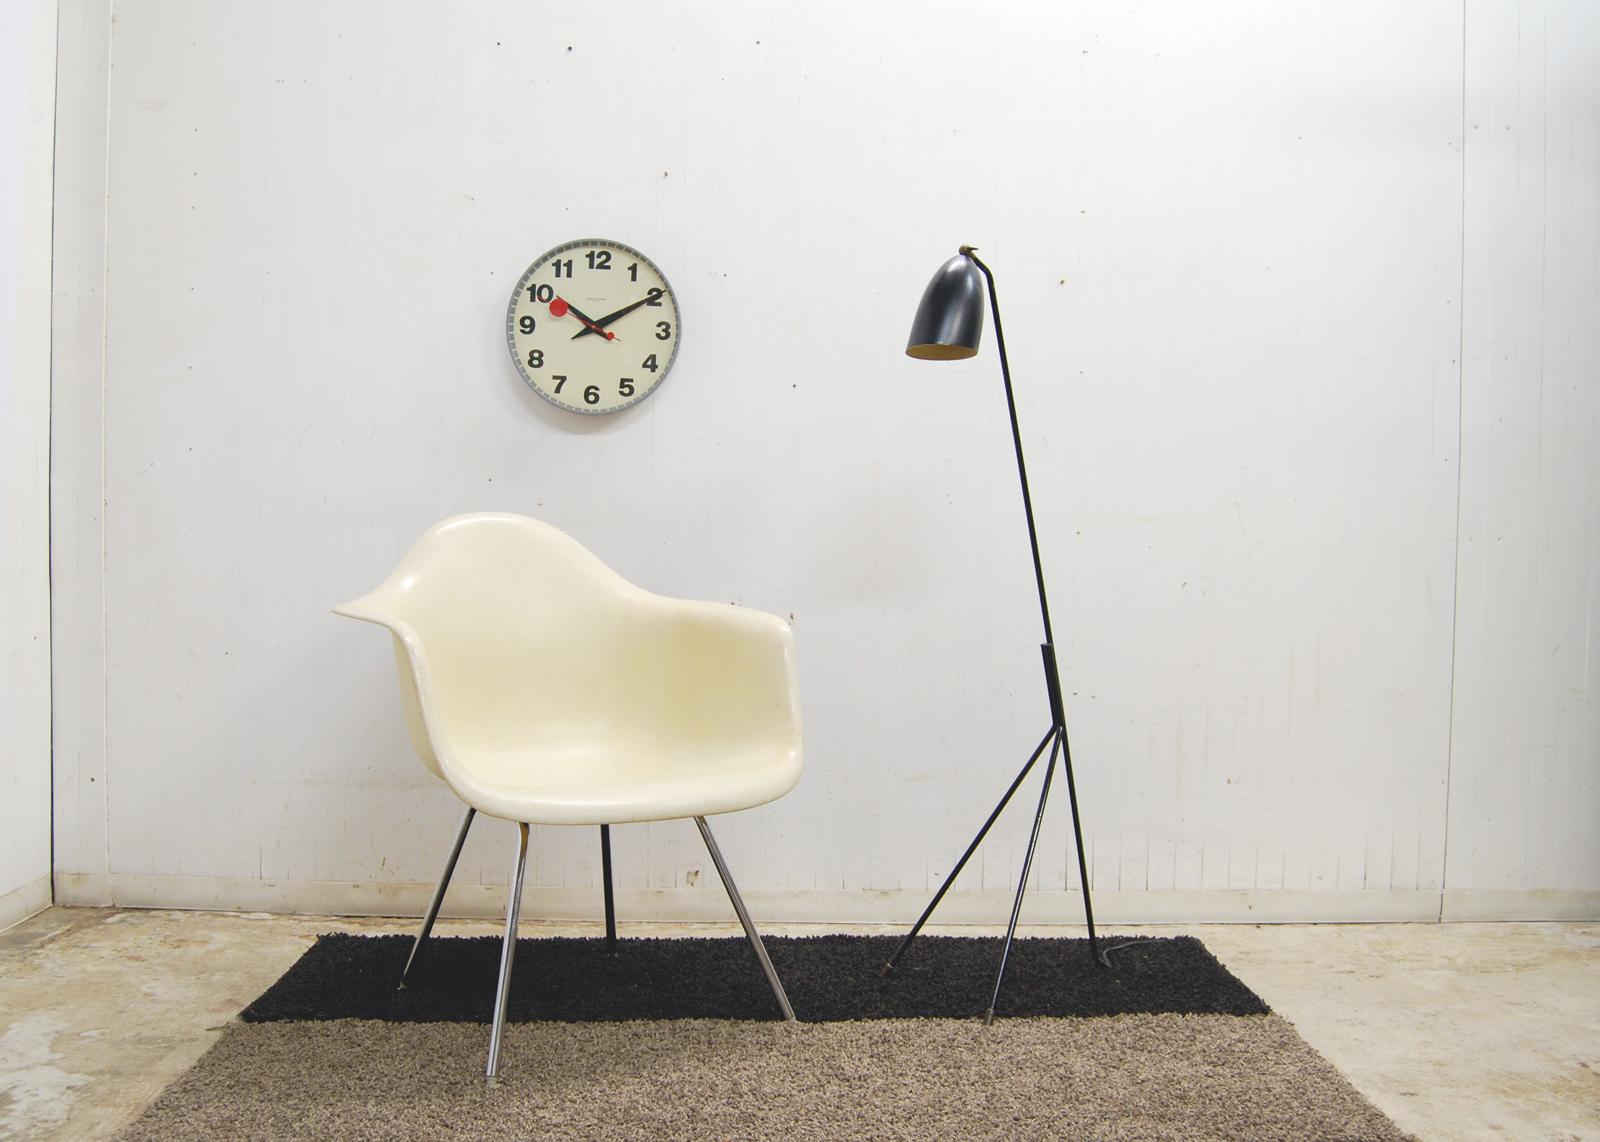 【お気にいる】 eames armshell armshell chair 2nd H-base イームズ 2nd イームズ アームシェルチェア ハーマンミラー, 山武町:10c494eb --- canoncity.azurewebsites.net